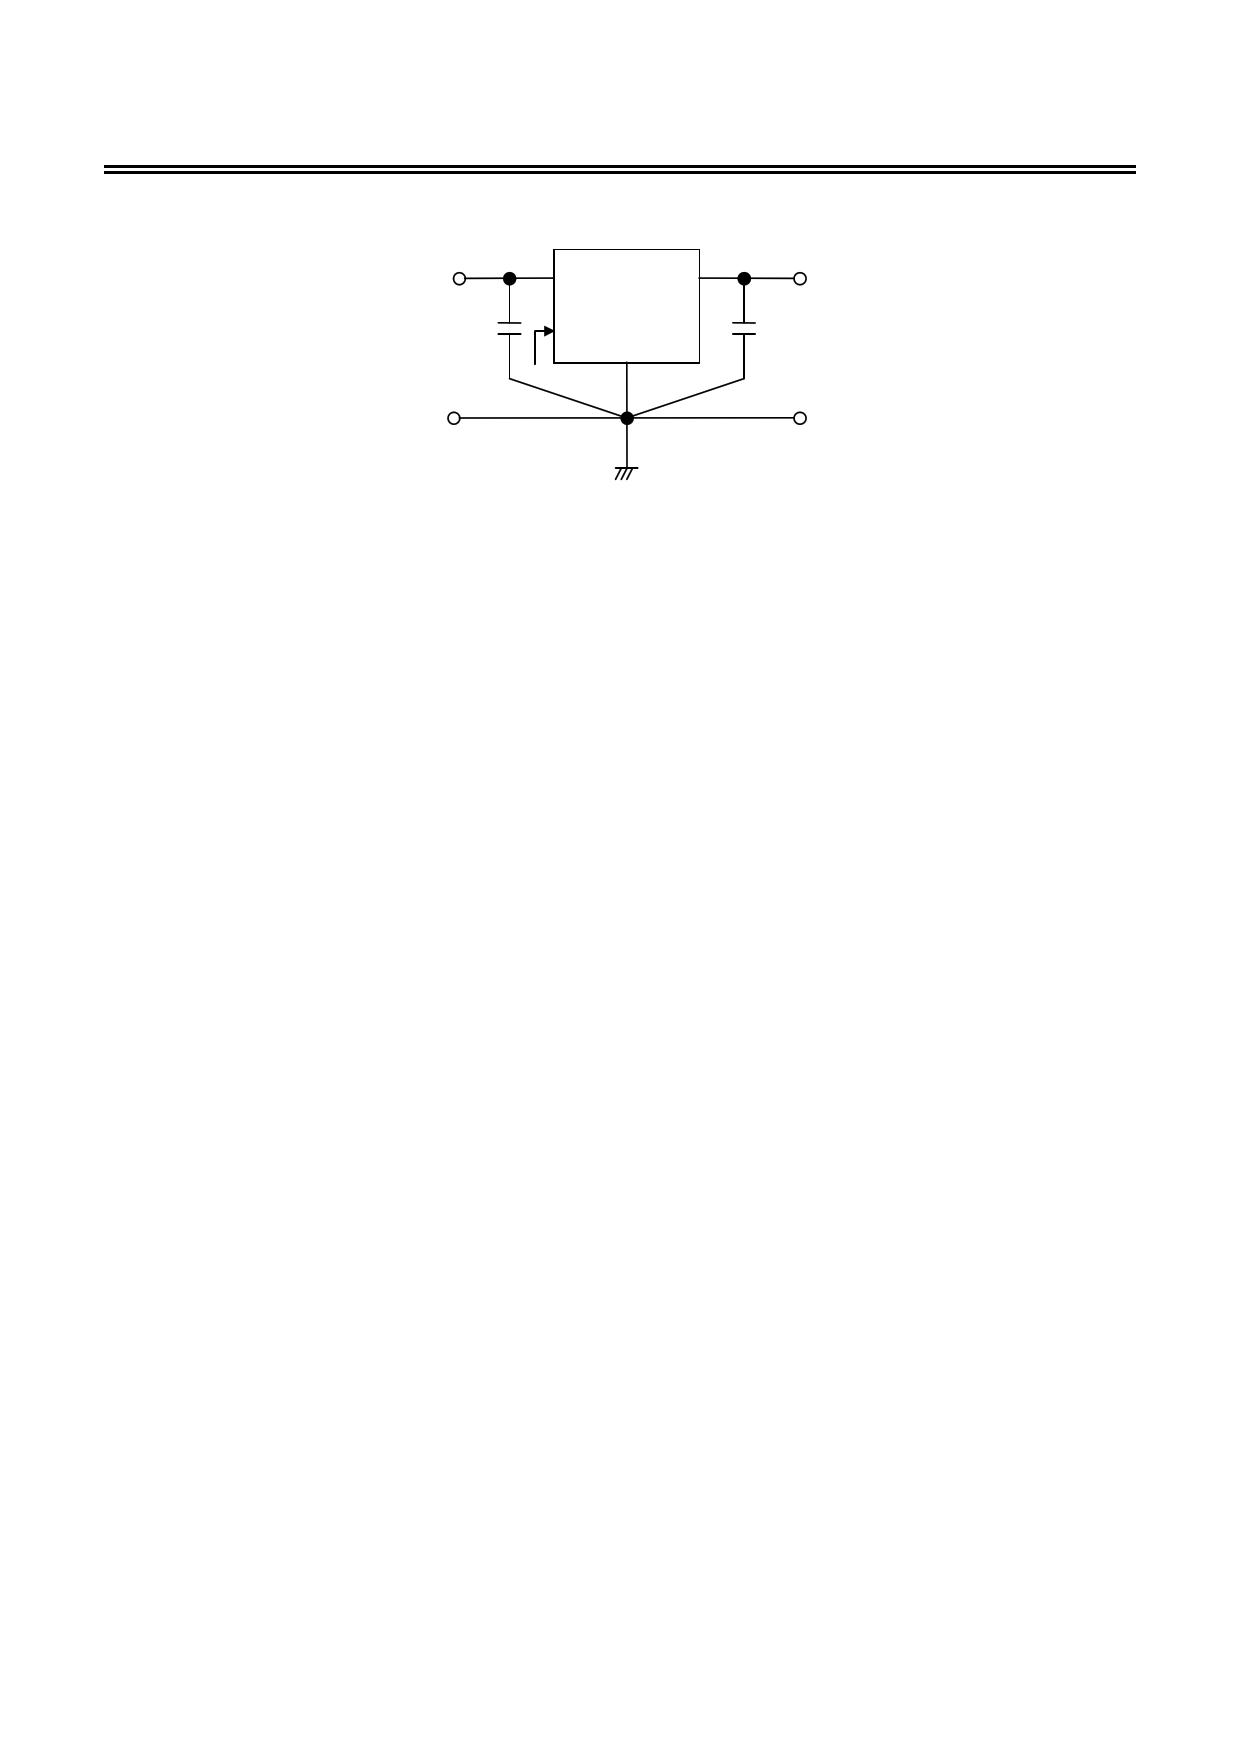 S-1122 arduino